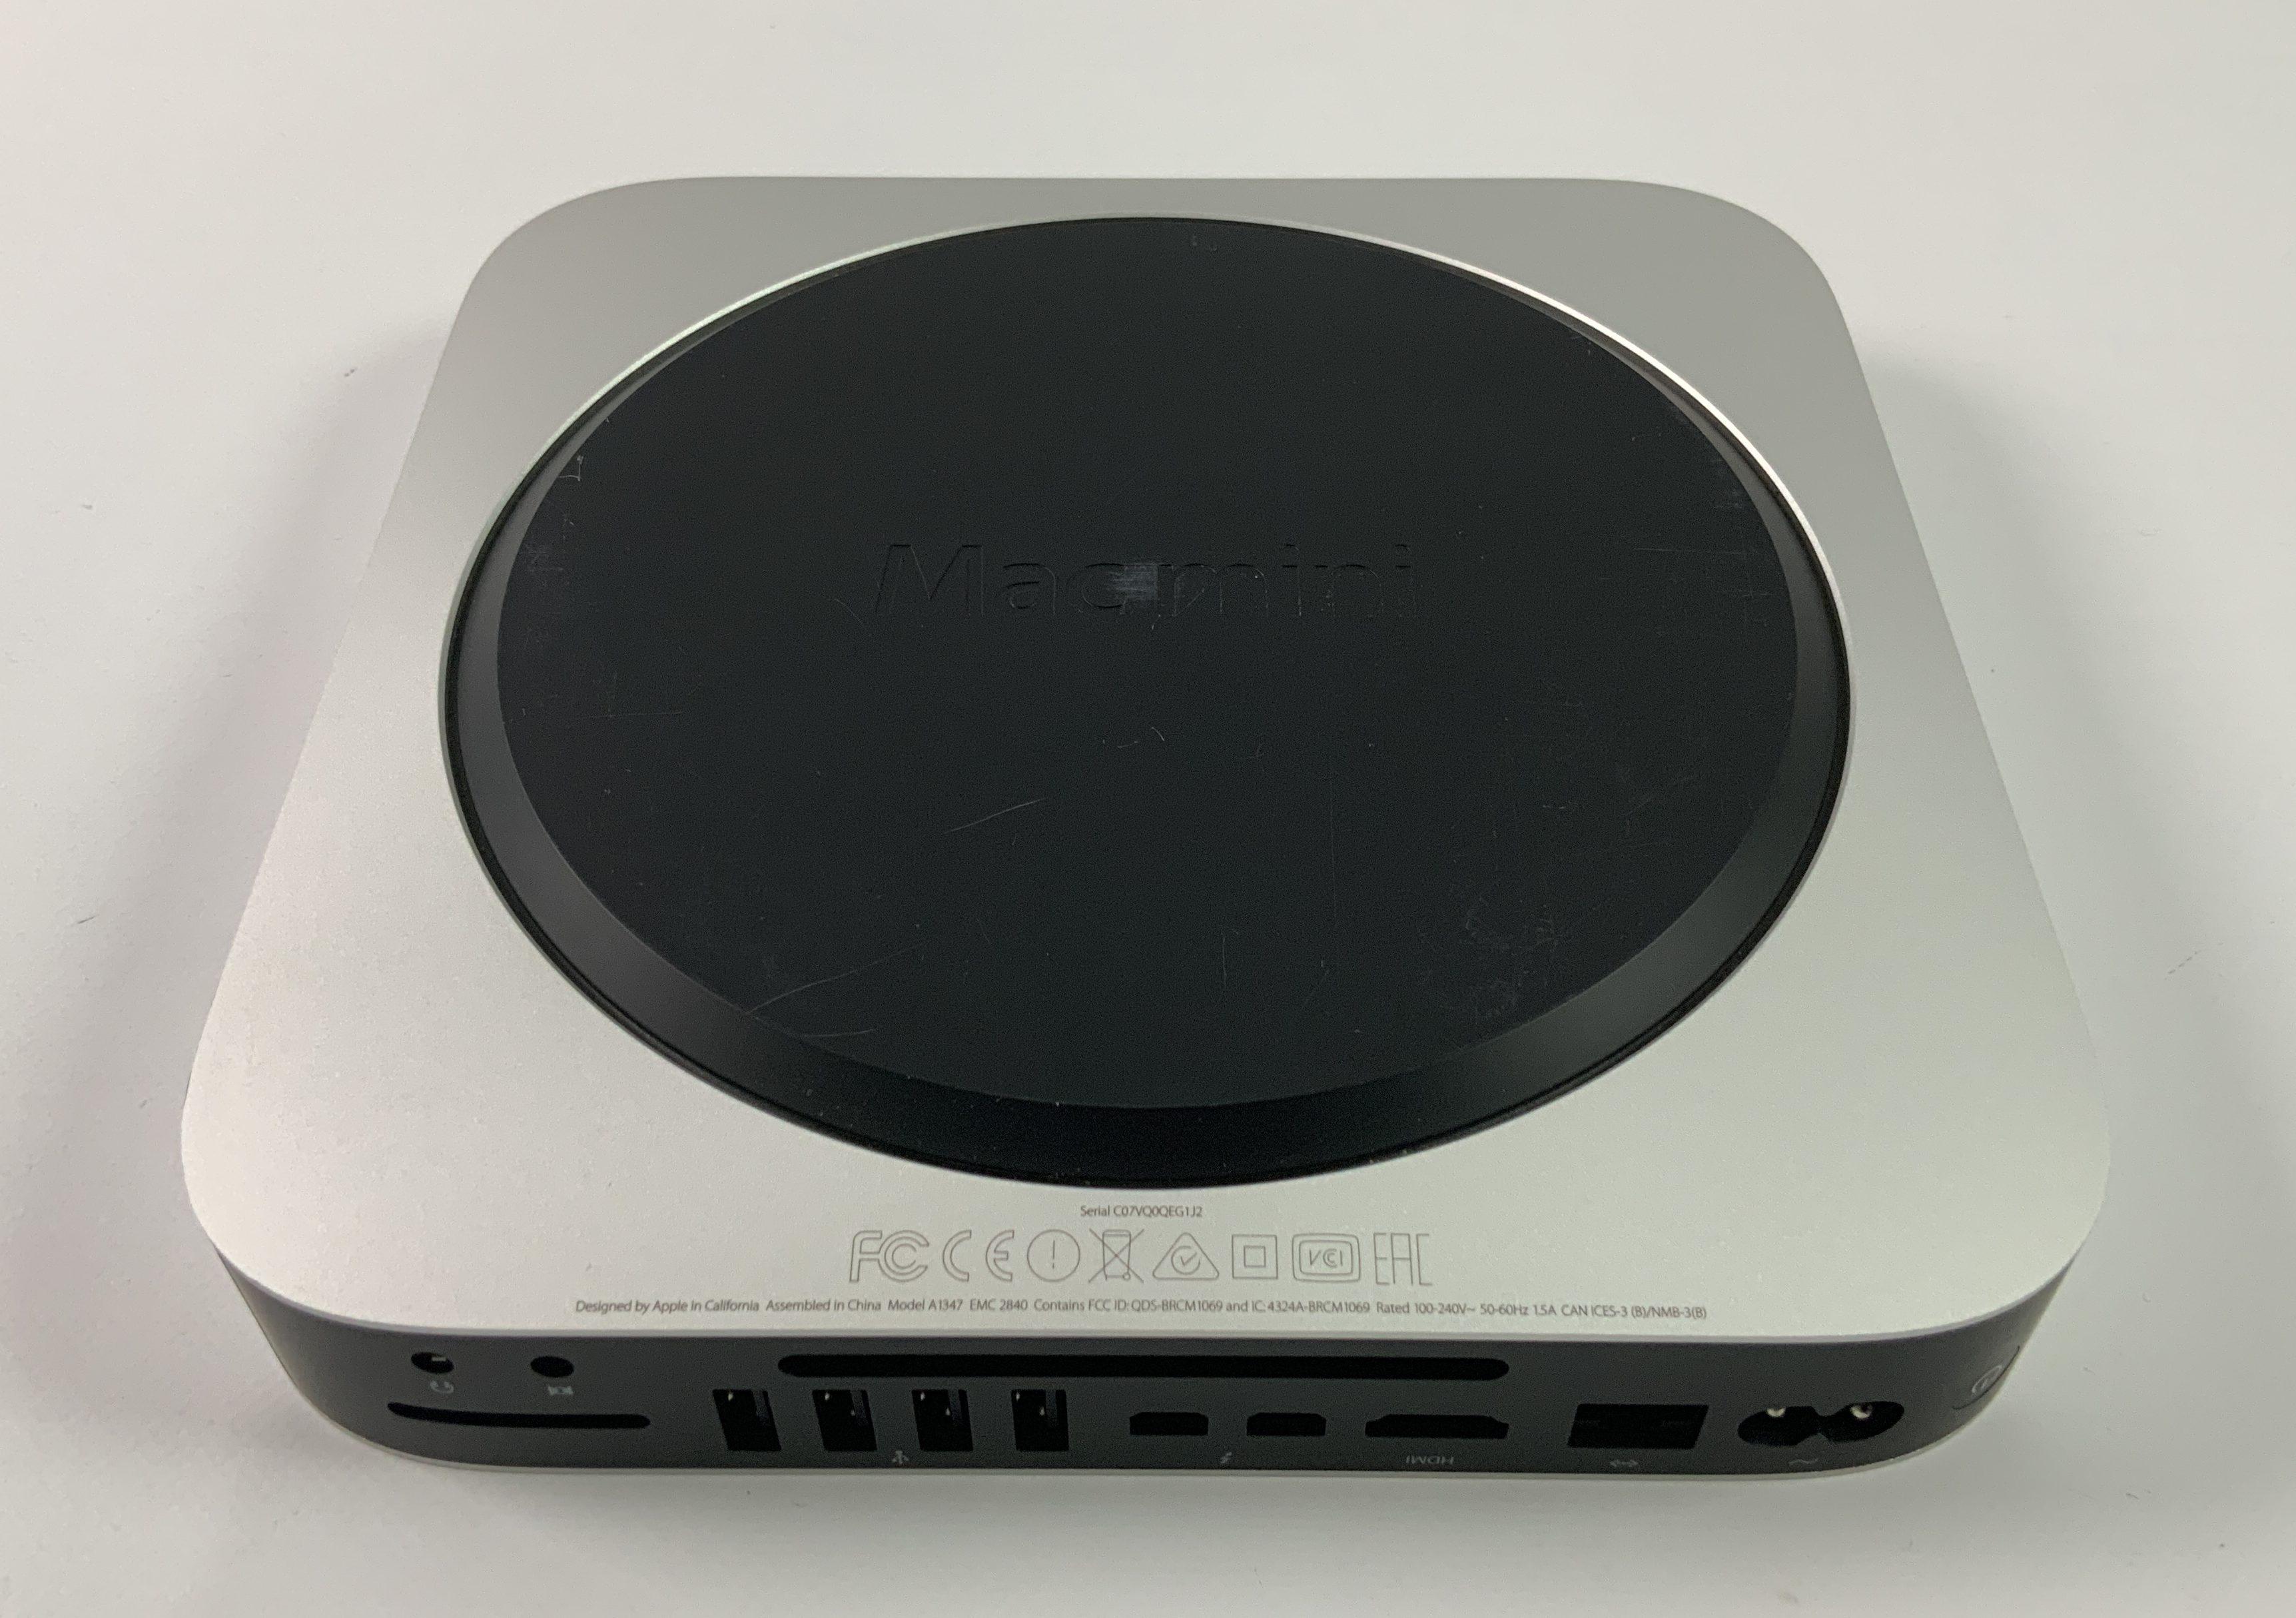 Mac Mini Late 2014 (Intel Core i7 3.0 GHz 16 GB RAM 256 GB SSD), Intel Core i7 3.0 GHz, 16 GB RAM, 256 GB SSD, Afbeelding 2